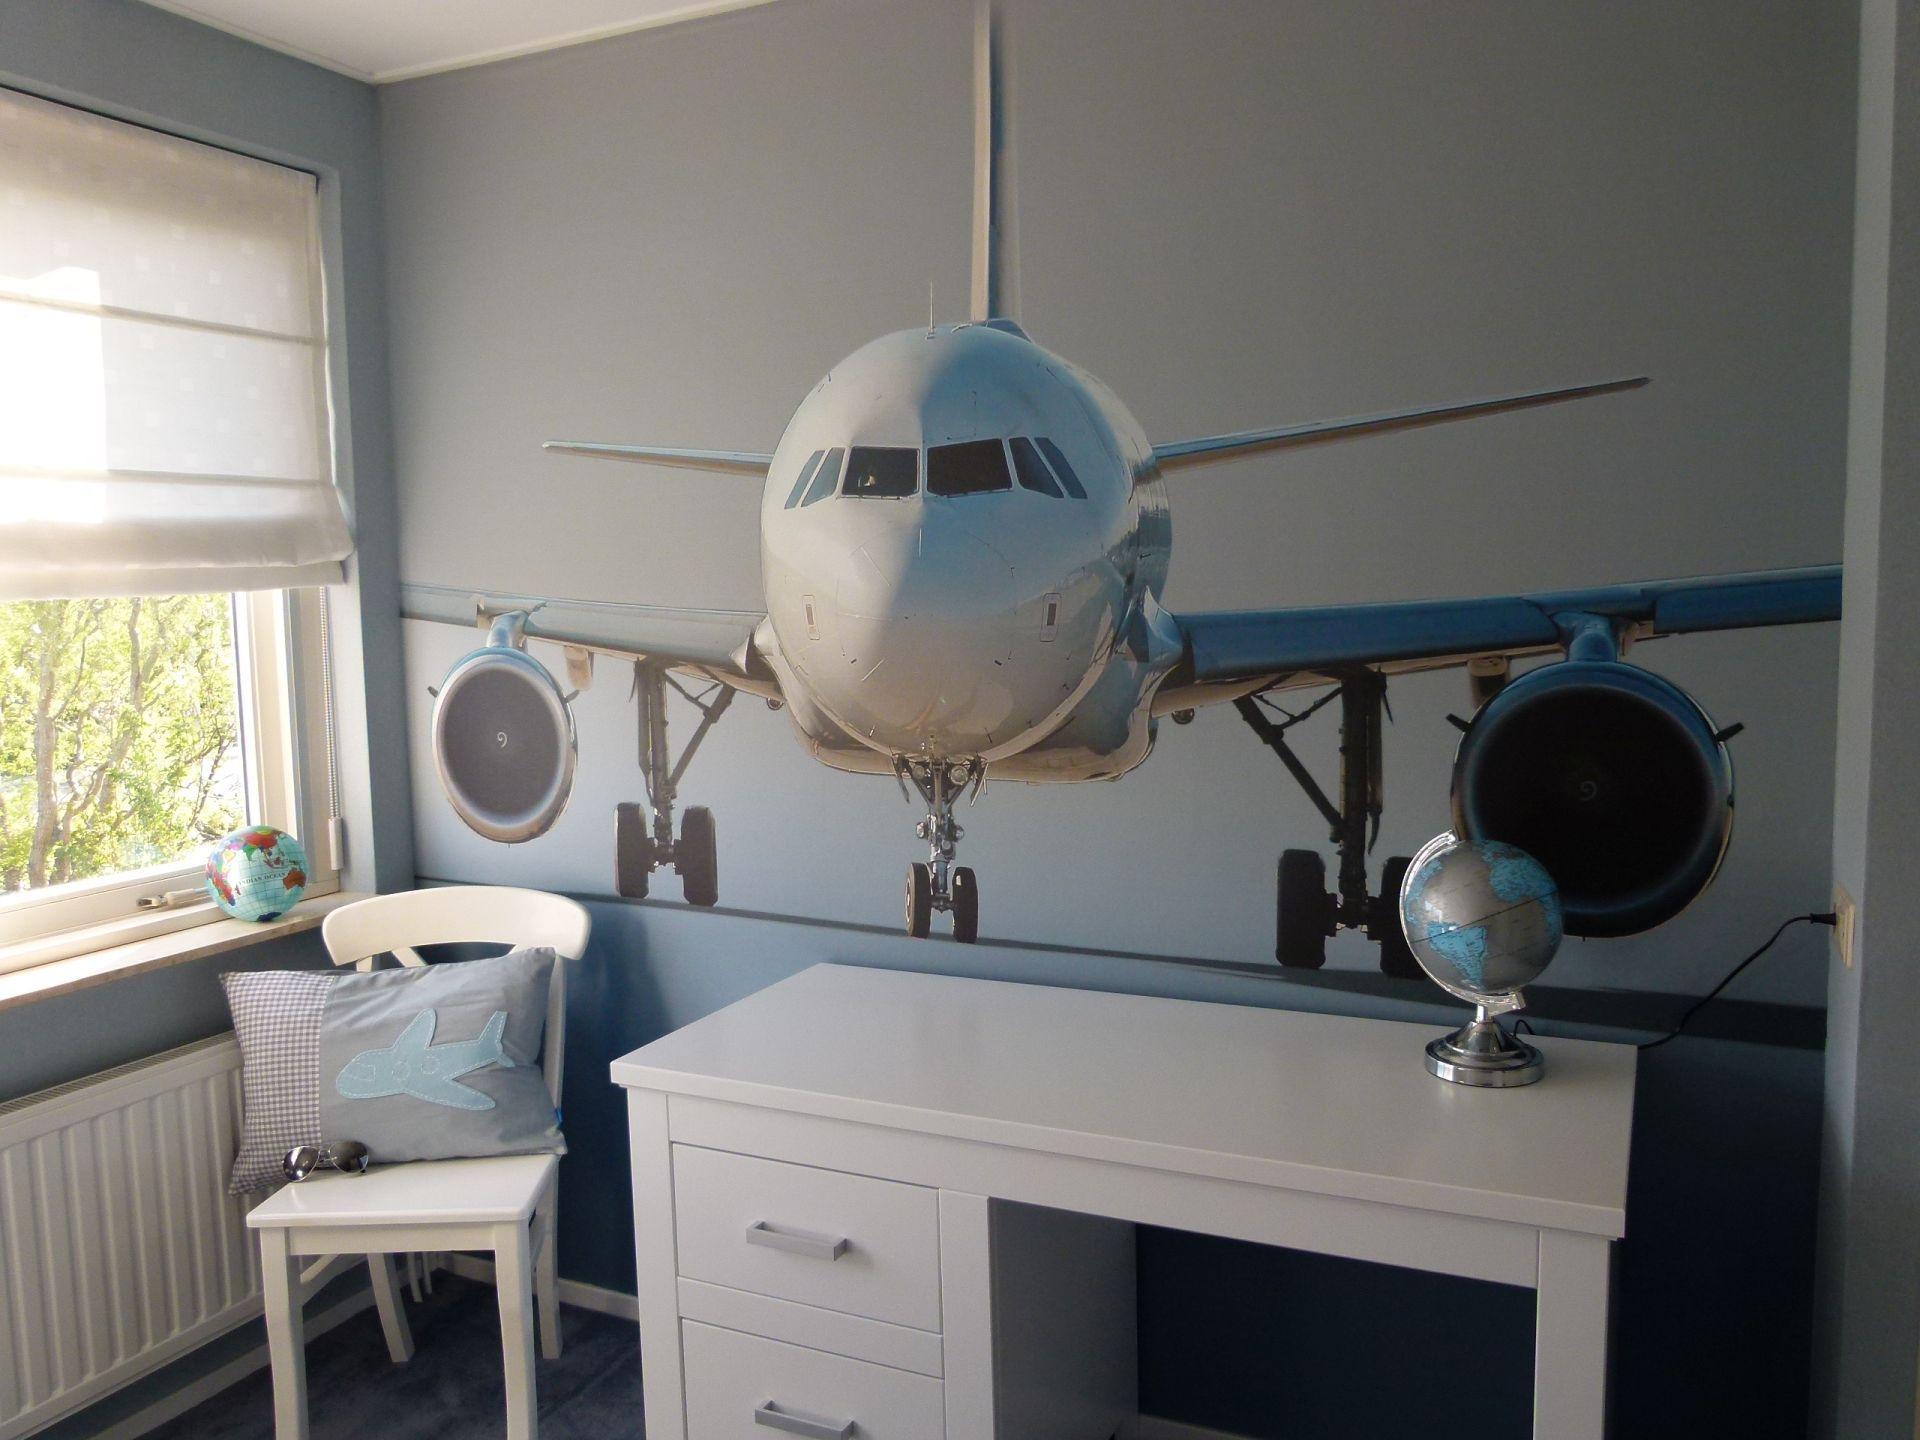 Vliegtuig kinderkamer jongenskamer behang  Kinderkamer